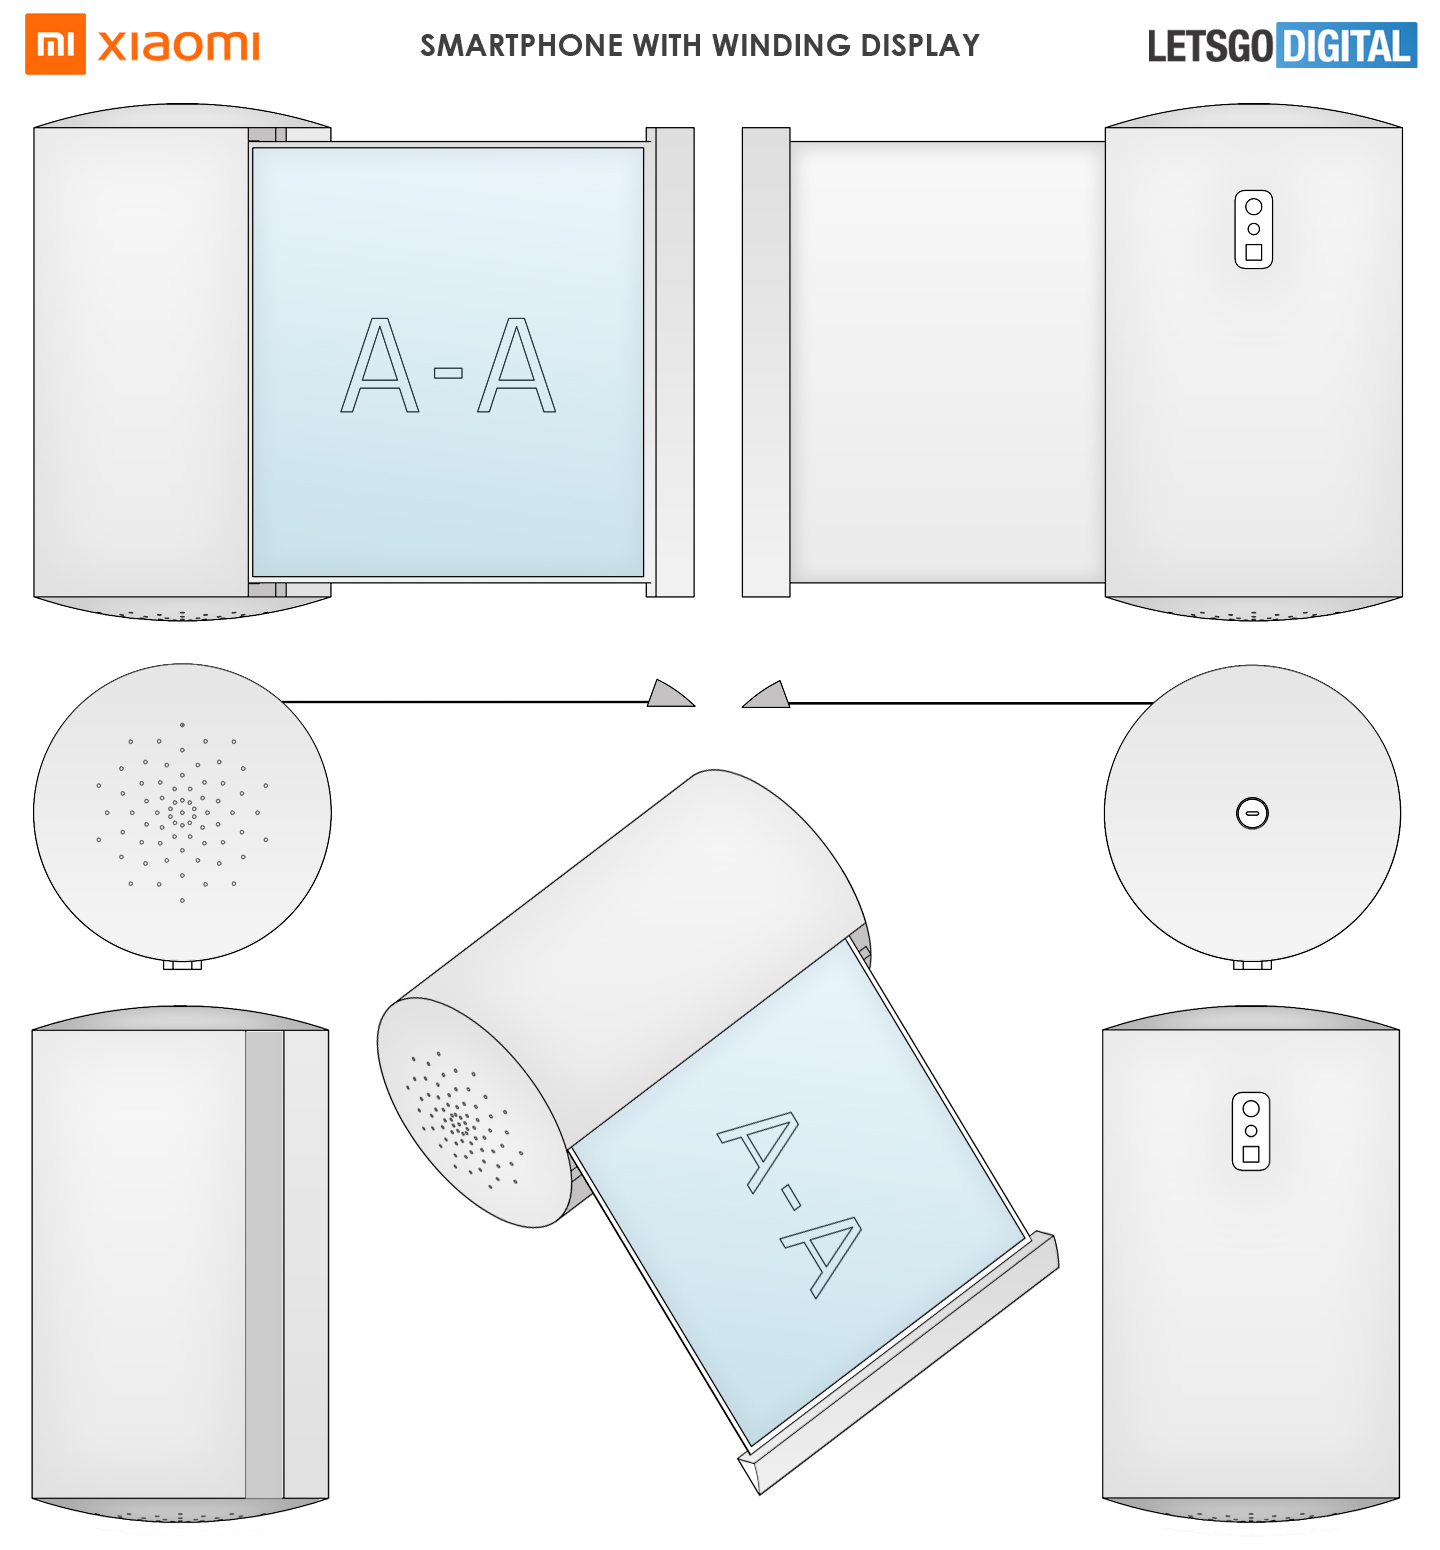 Xiaomi smart speaker smartphone